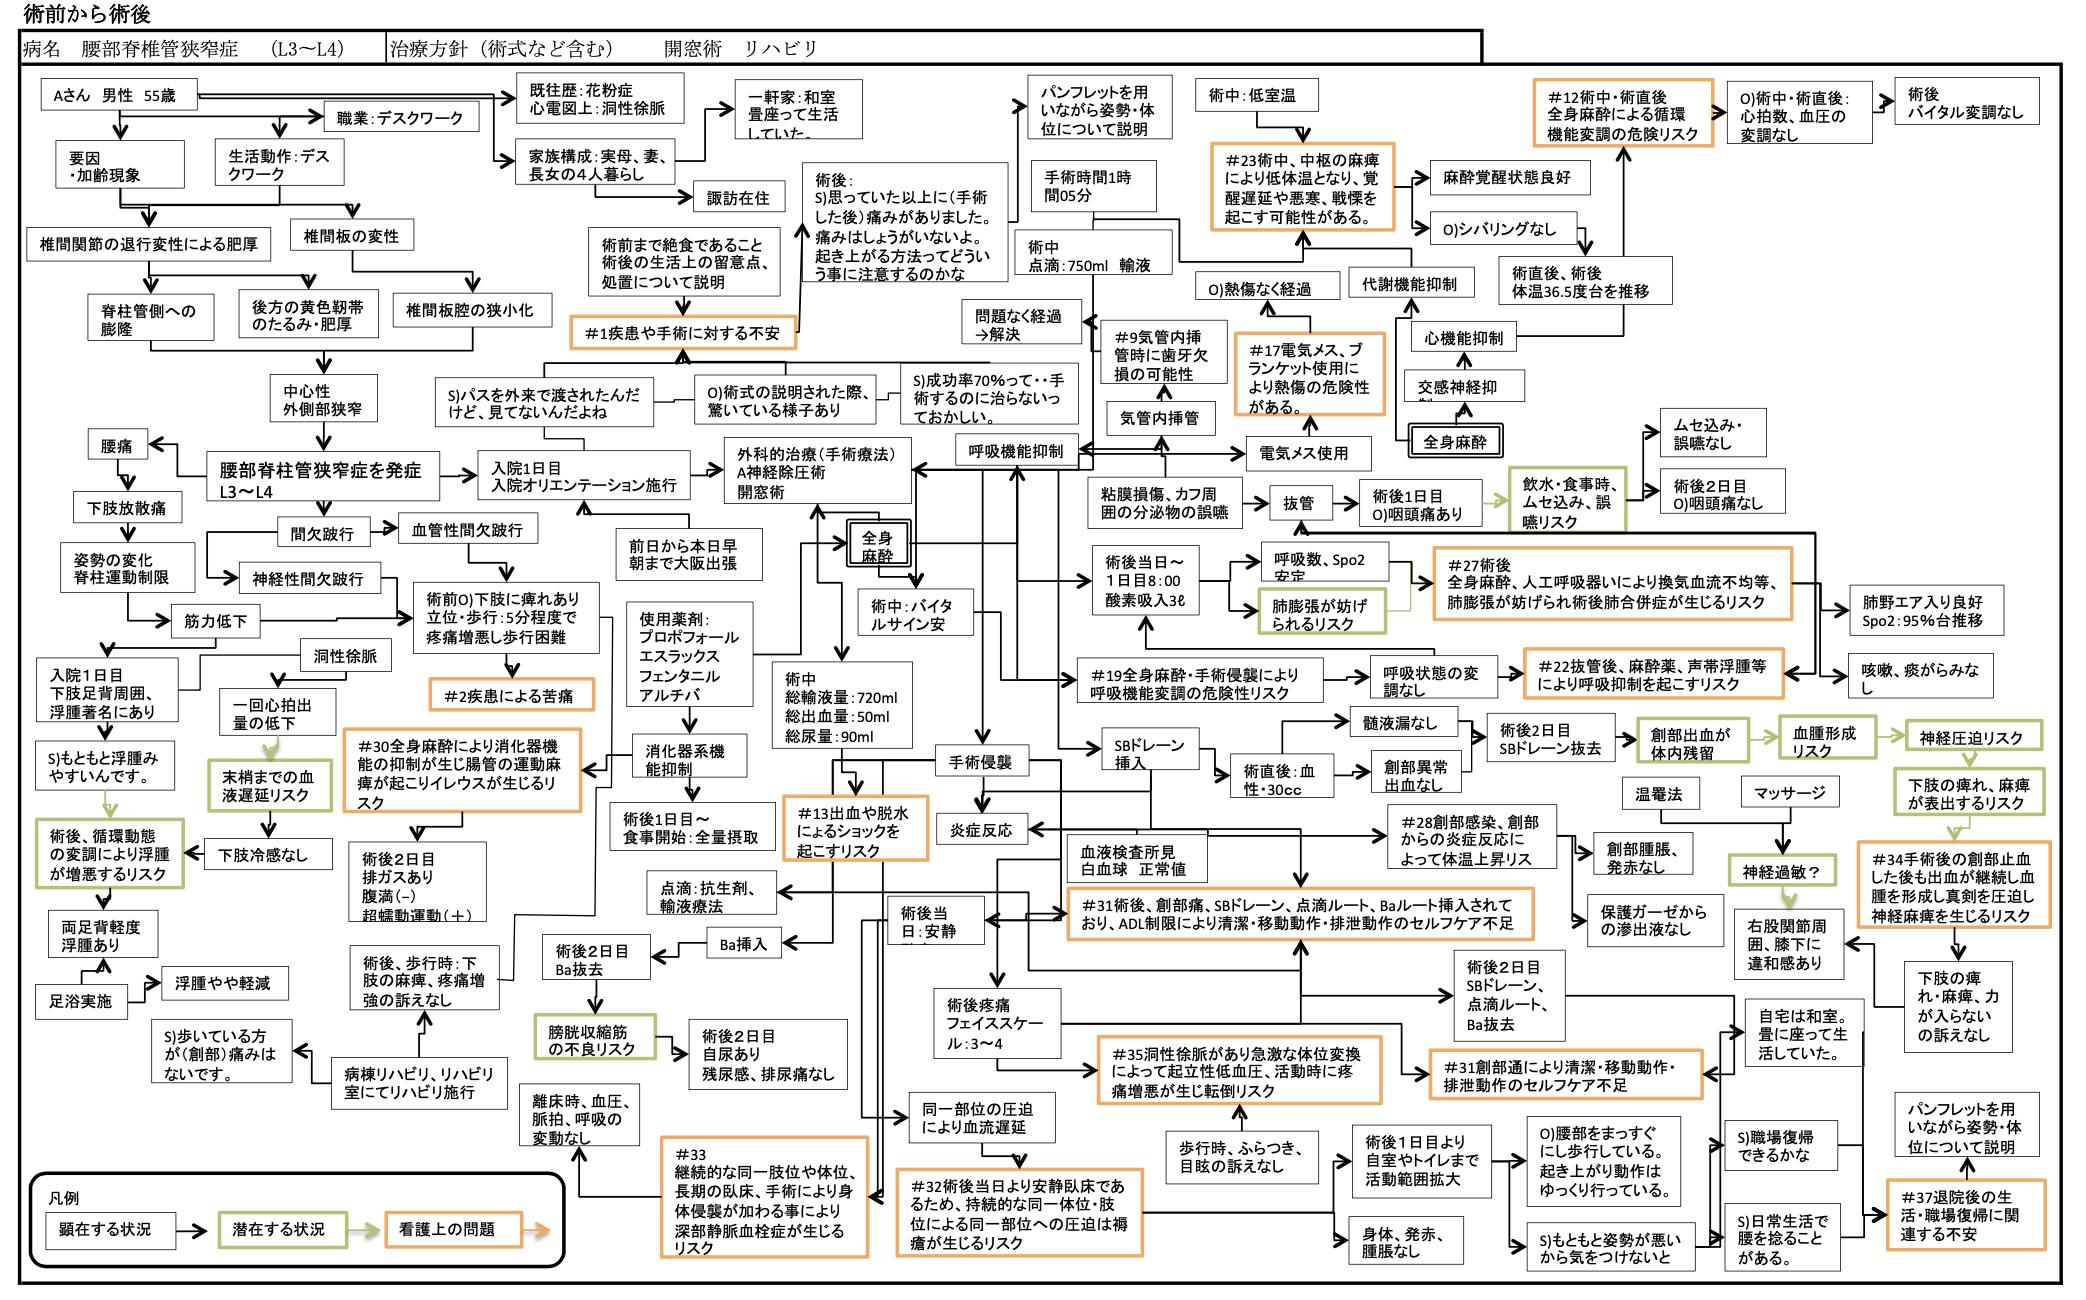 周手術期 関連図